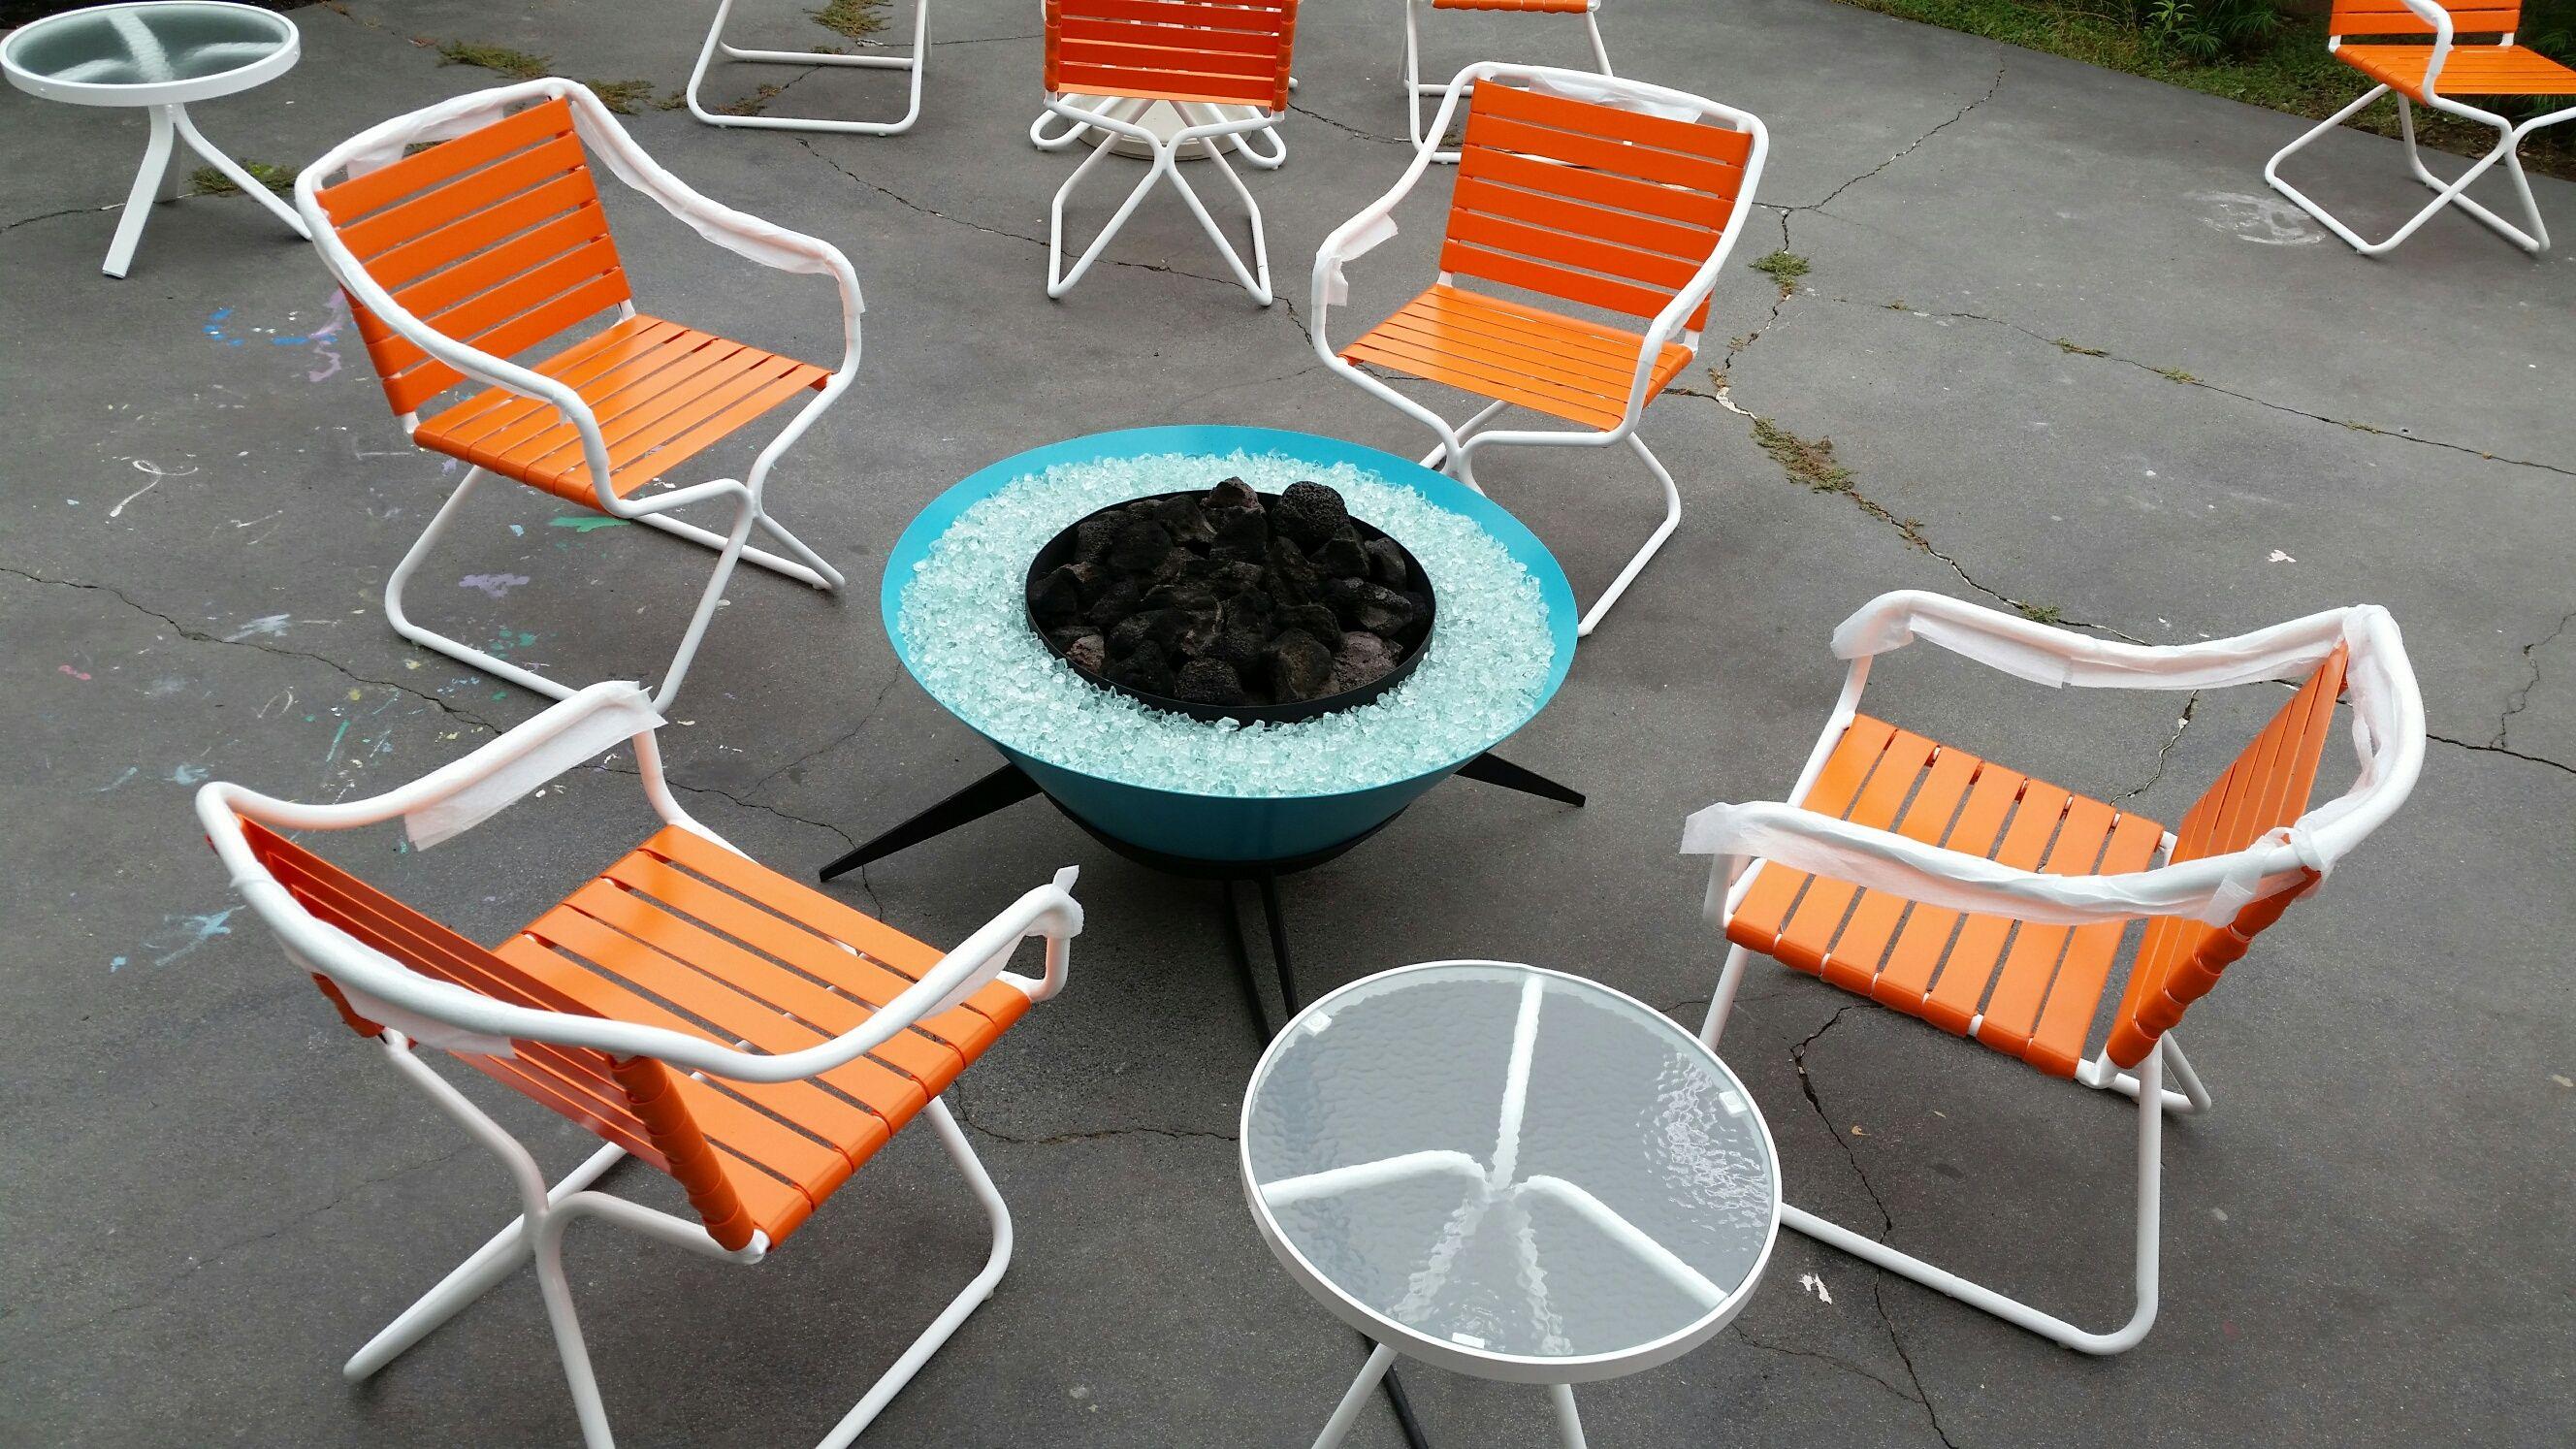 Brown Jordan Kailua Set Restored By Cfrpatio Furniture Repair